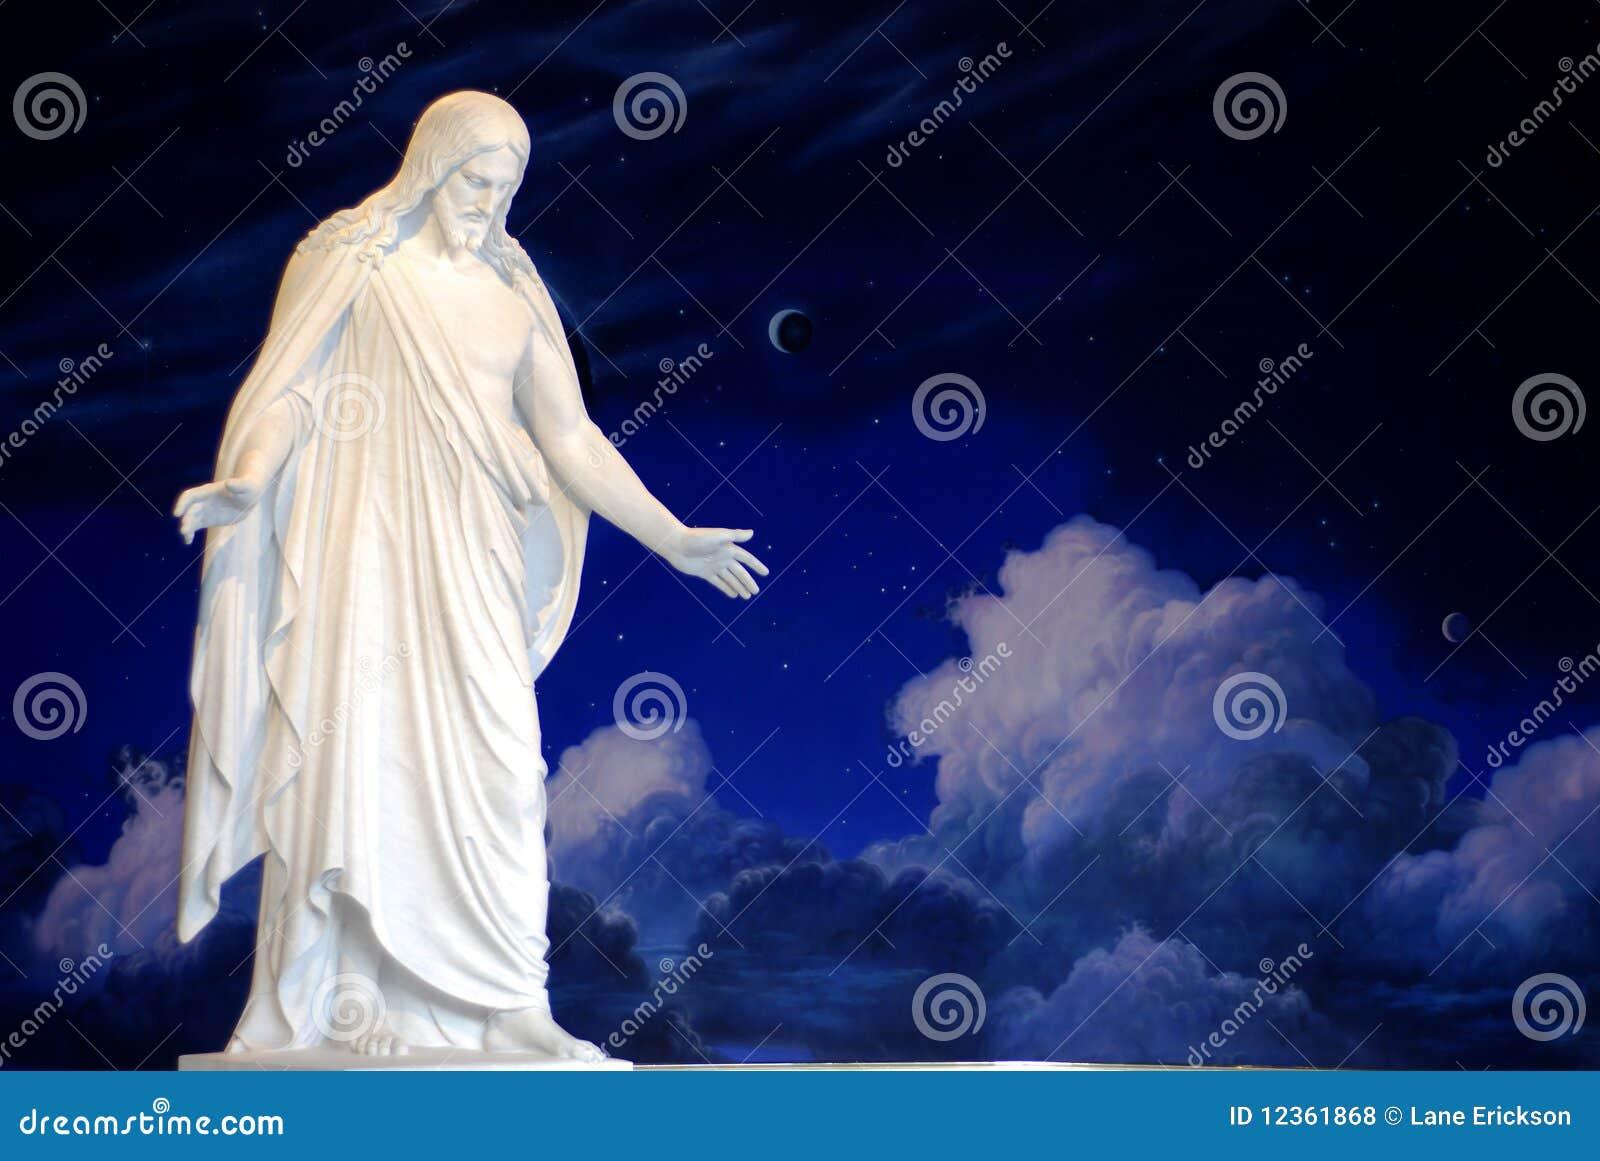 Statue des Jesus Christus